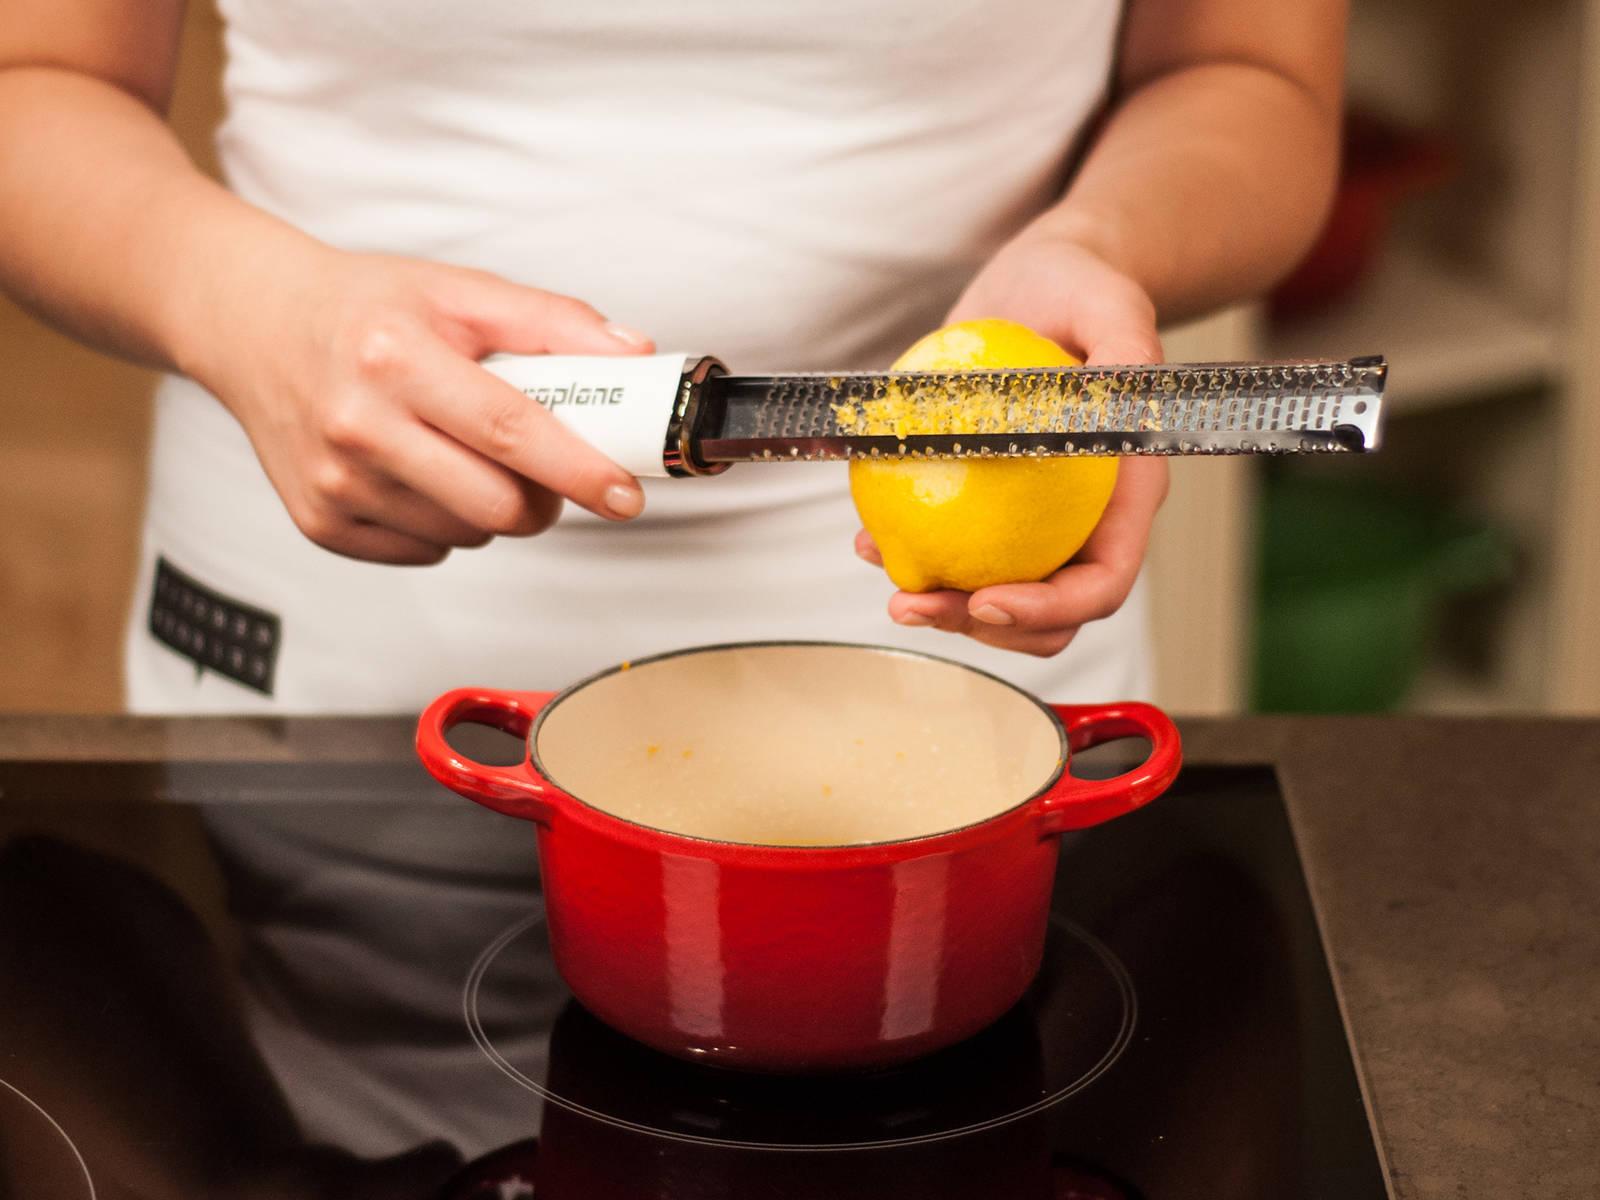 将烤箱预热至 190°C/375°F。在小锅中用中火融化黄油、蜂蜜和糖,并不时搅拌,以免烧焦。将橙子和柠檬皮碎撒入锅中,加入盐,并搅拌均匀。停止加热。